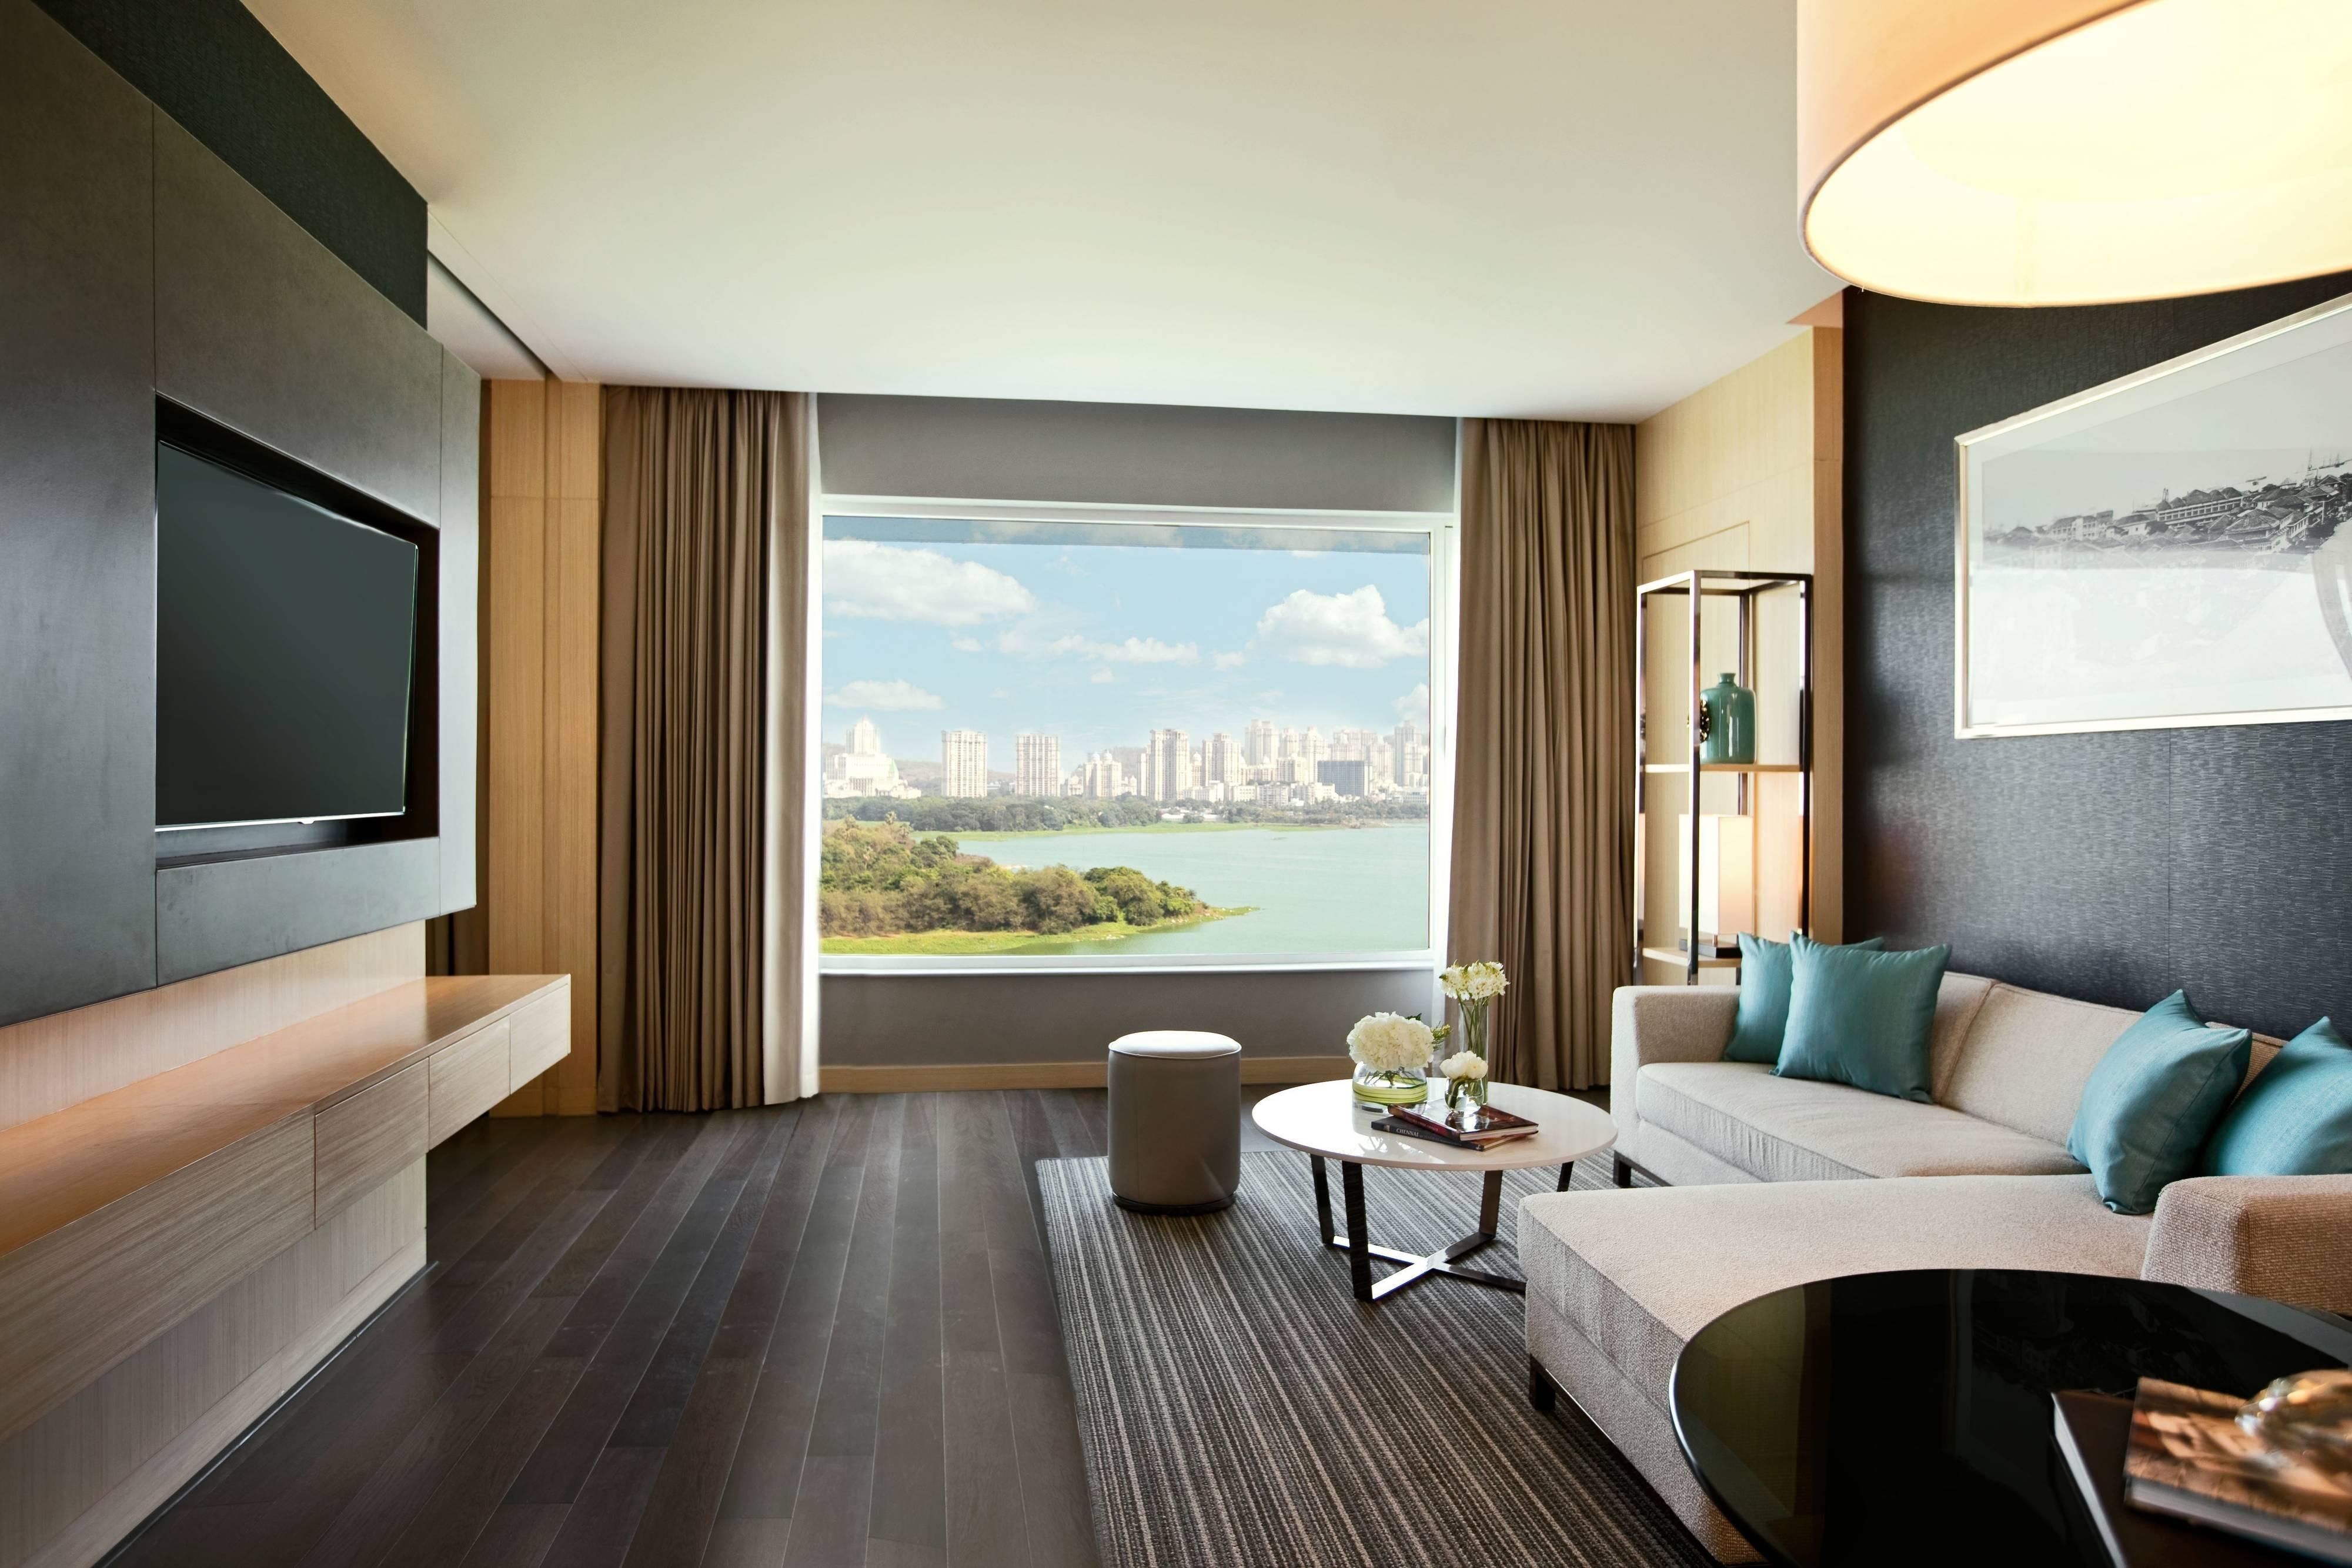 5 Star Hotel In Powai Mumbai Renaissance Mumbai